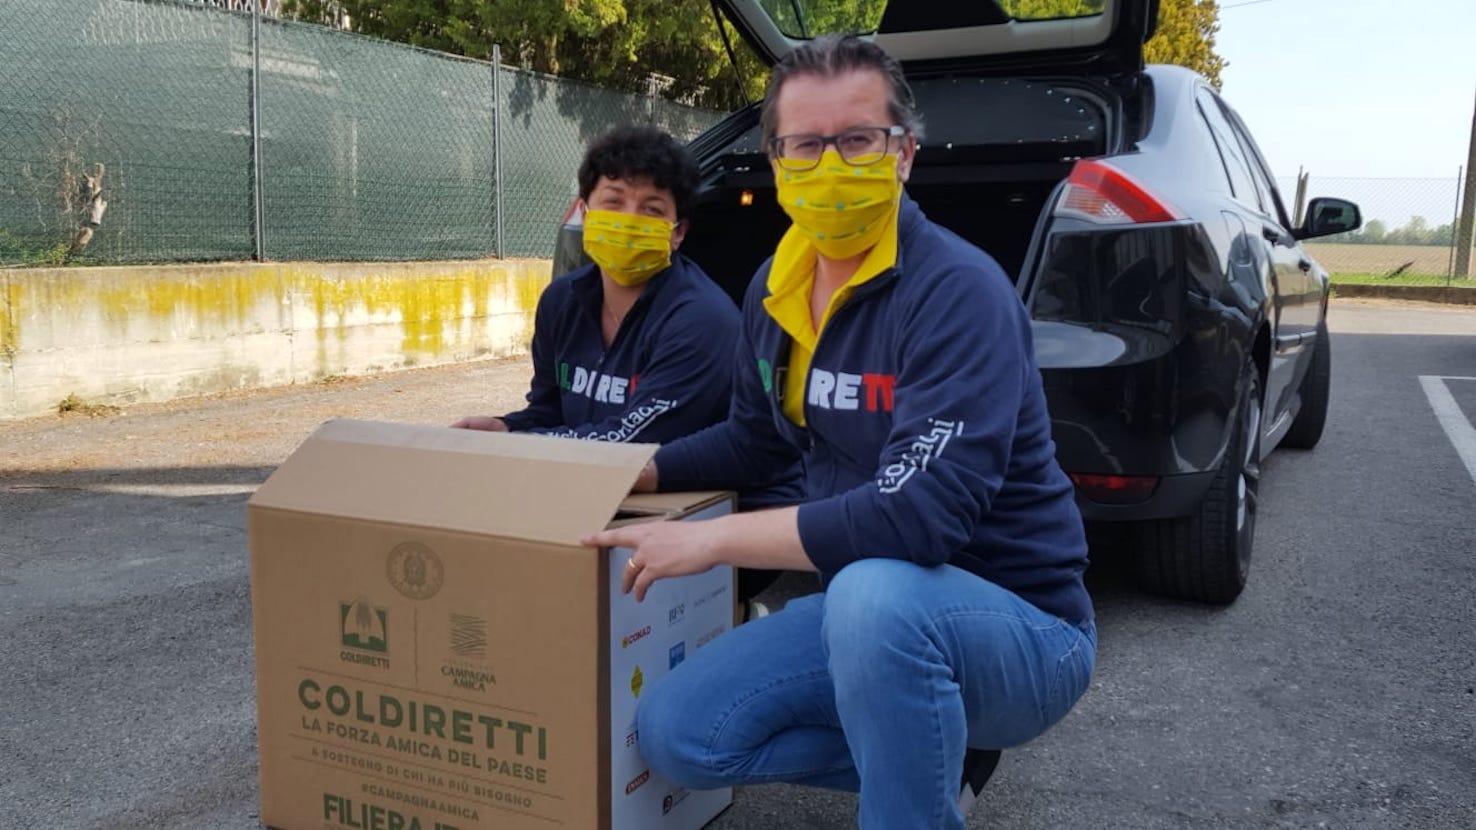 Consegna dei pacchi Coldiretti a Ferrara Thomas